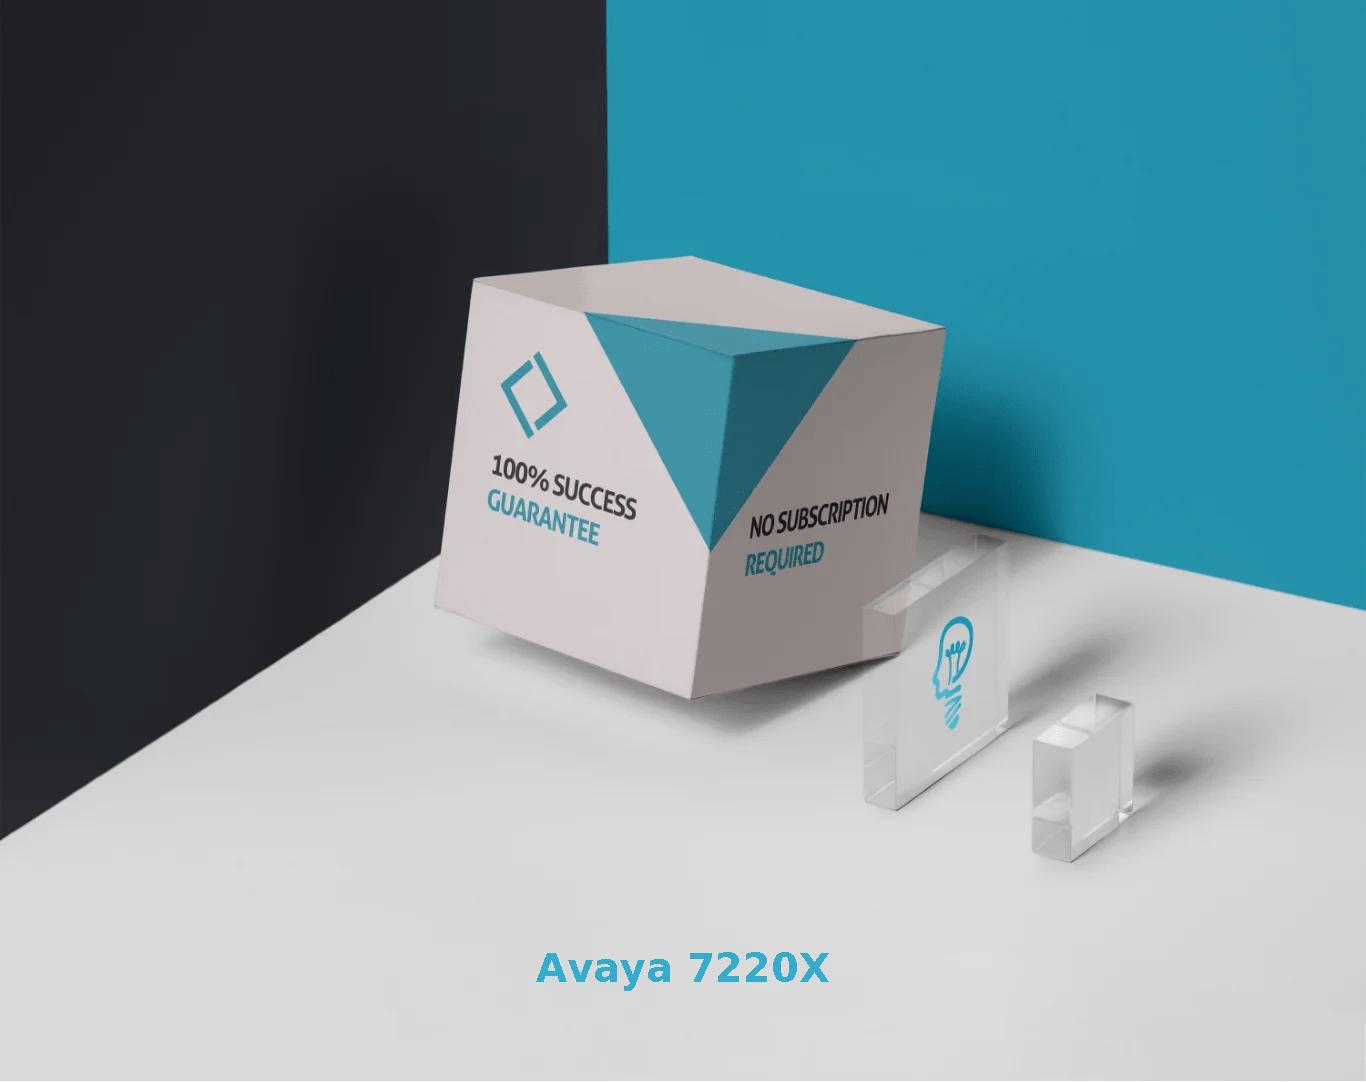 Avaya 7220X Exams